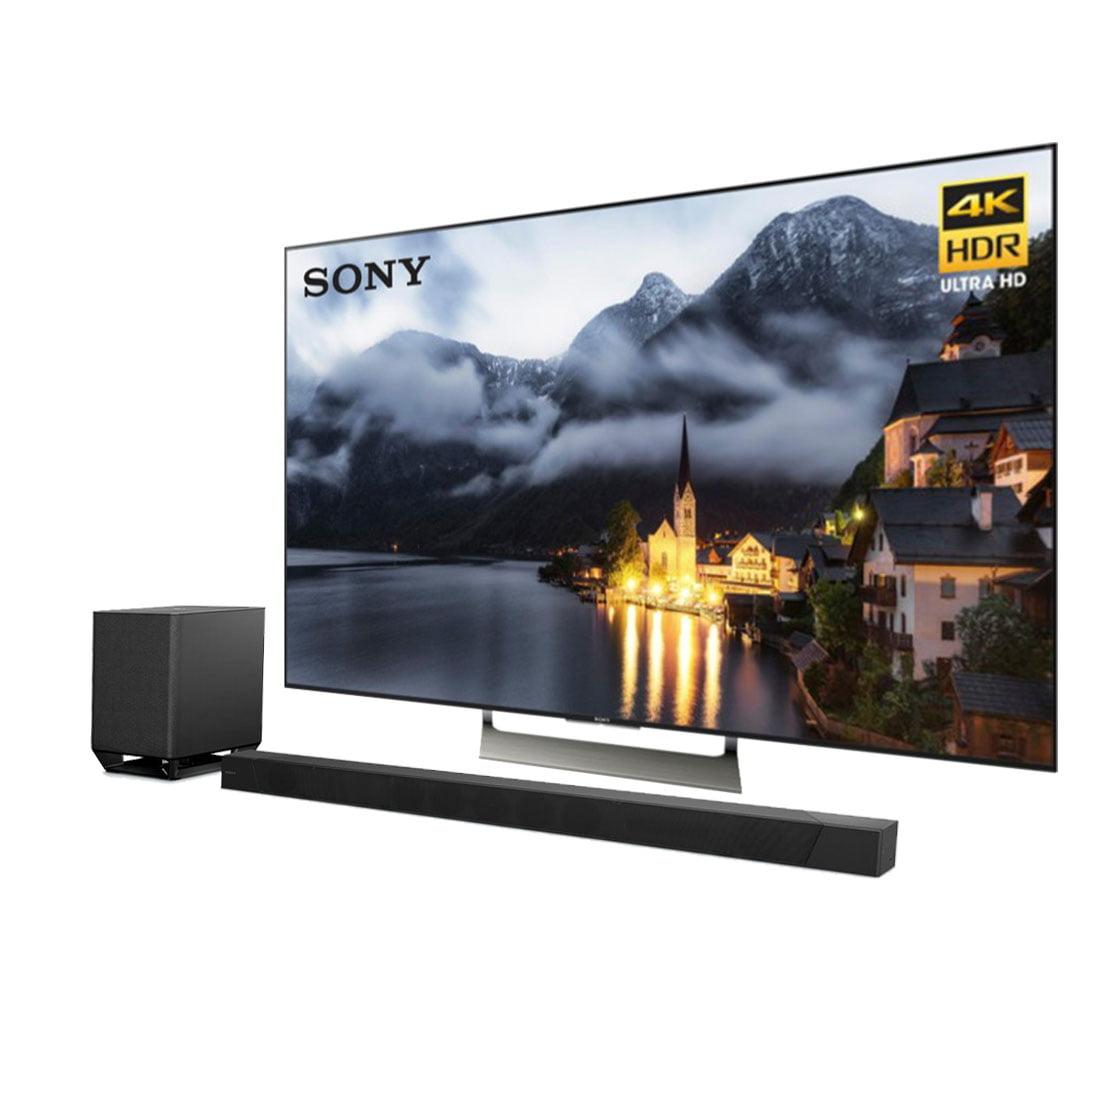 sony tv 75. sony xbr-75x900e 75\u2033 led 4k ultra hd hdr 2160p smart tv w/ ht-st5000 dolby atmos wifi/bluetooth soundbar \u2013 bundle tv 75 x